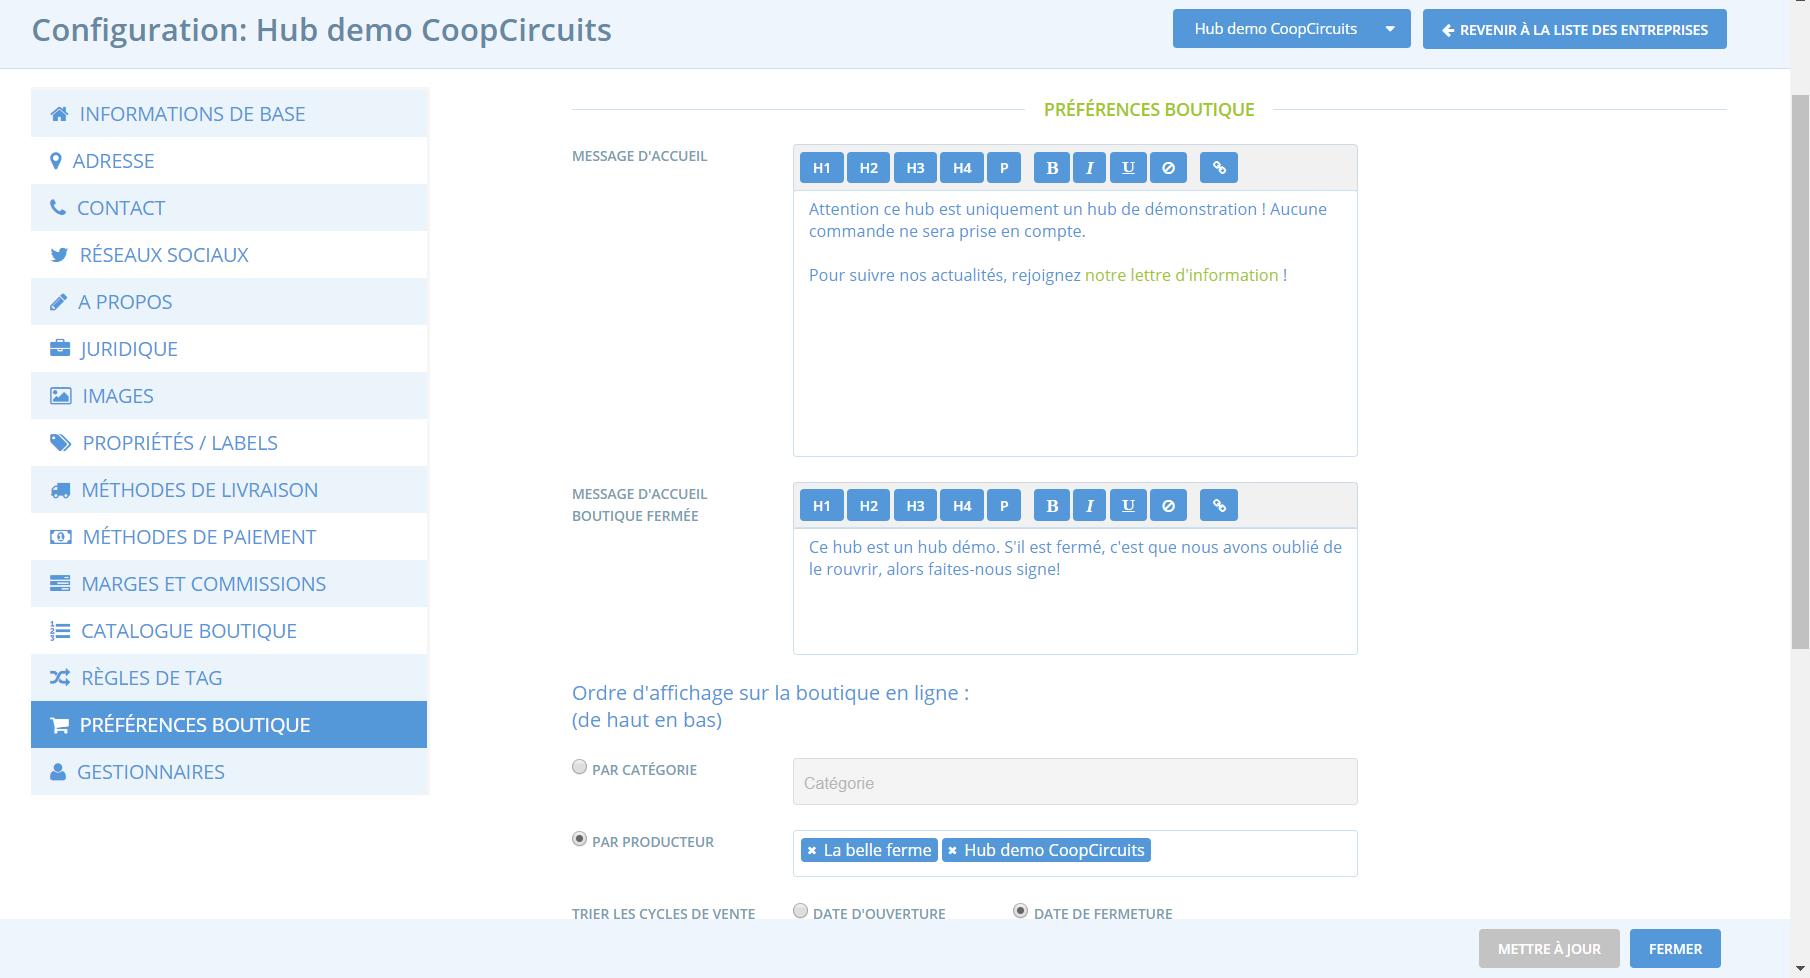 Changer l'ordre d'affichage des produits dans une boutique CoopCircuits